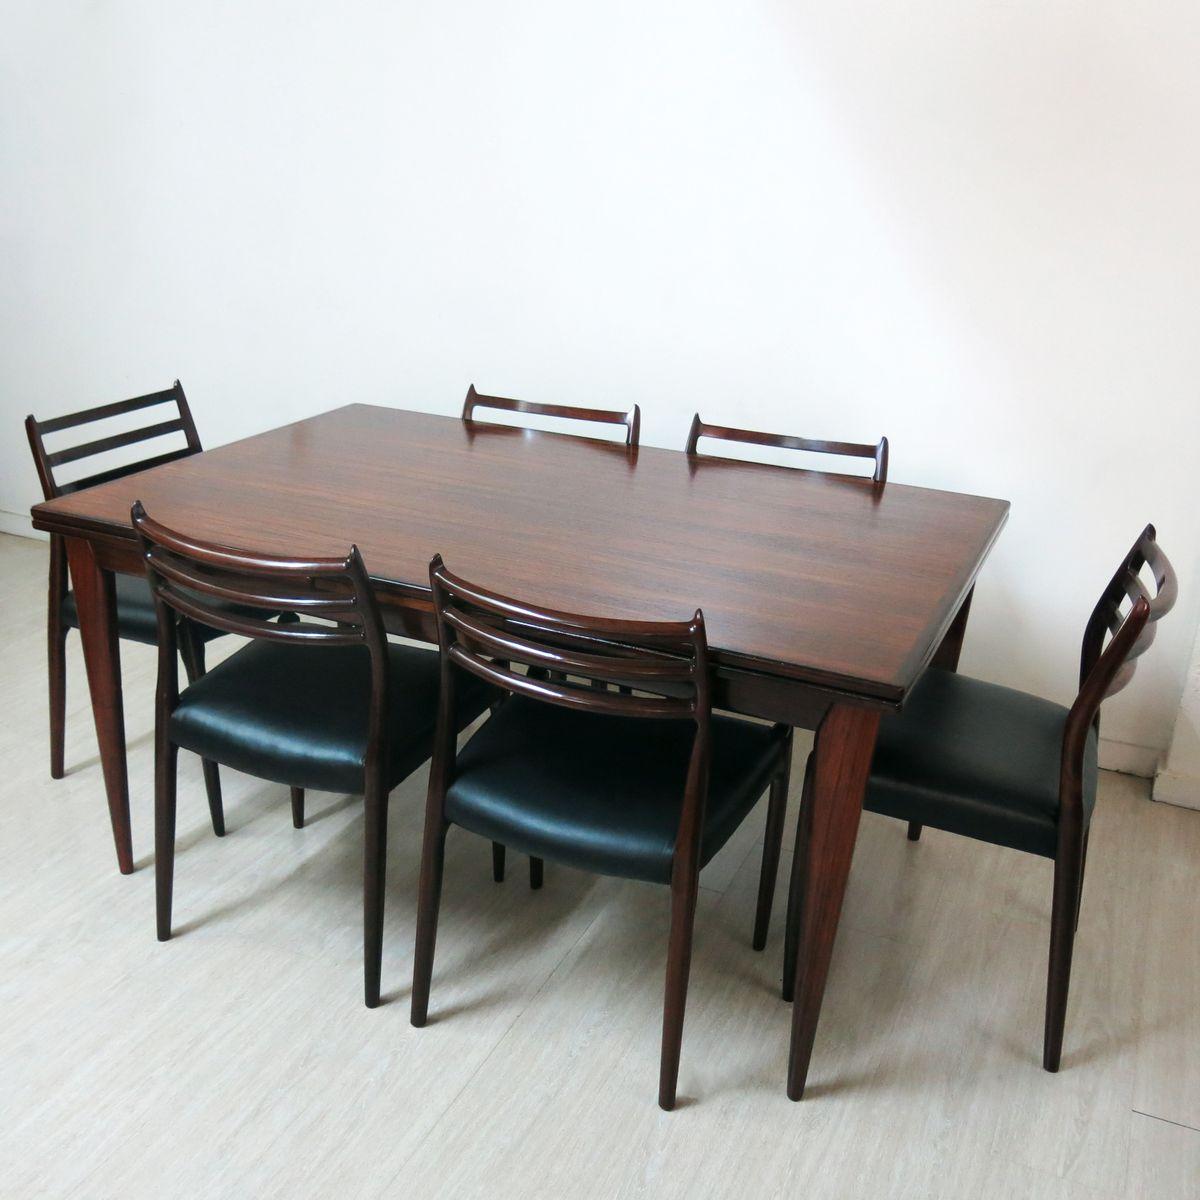 model 12 table model 78 chairs dining set by niels o moller for j l m ller m belfabrik. Black Bedroom Furniture Sets. Home Design Ideas